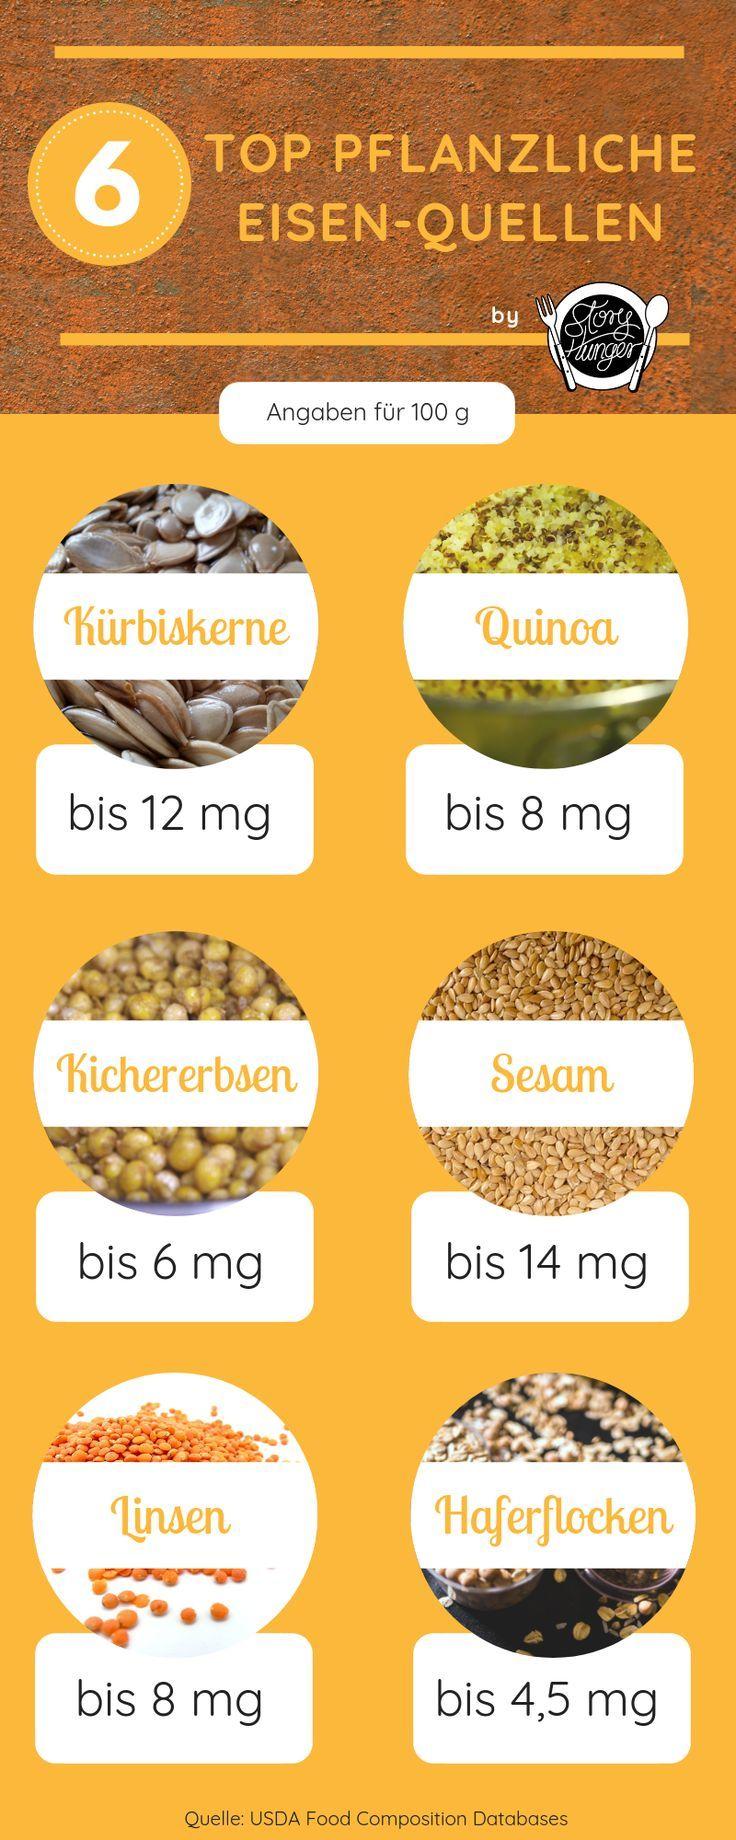 Eisenhaltige Lebensmittel: Die 13 besten pflanzlichen Eisen-Quellen #gezondeten